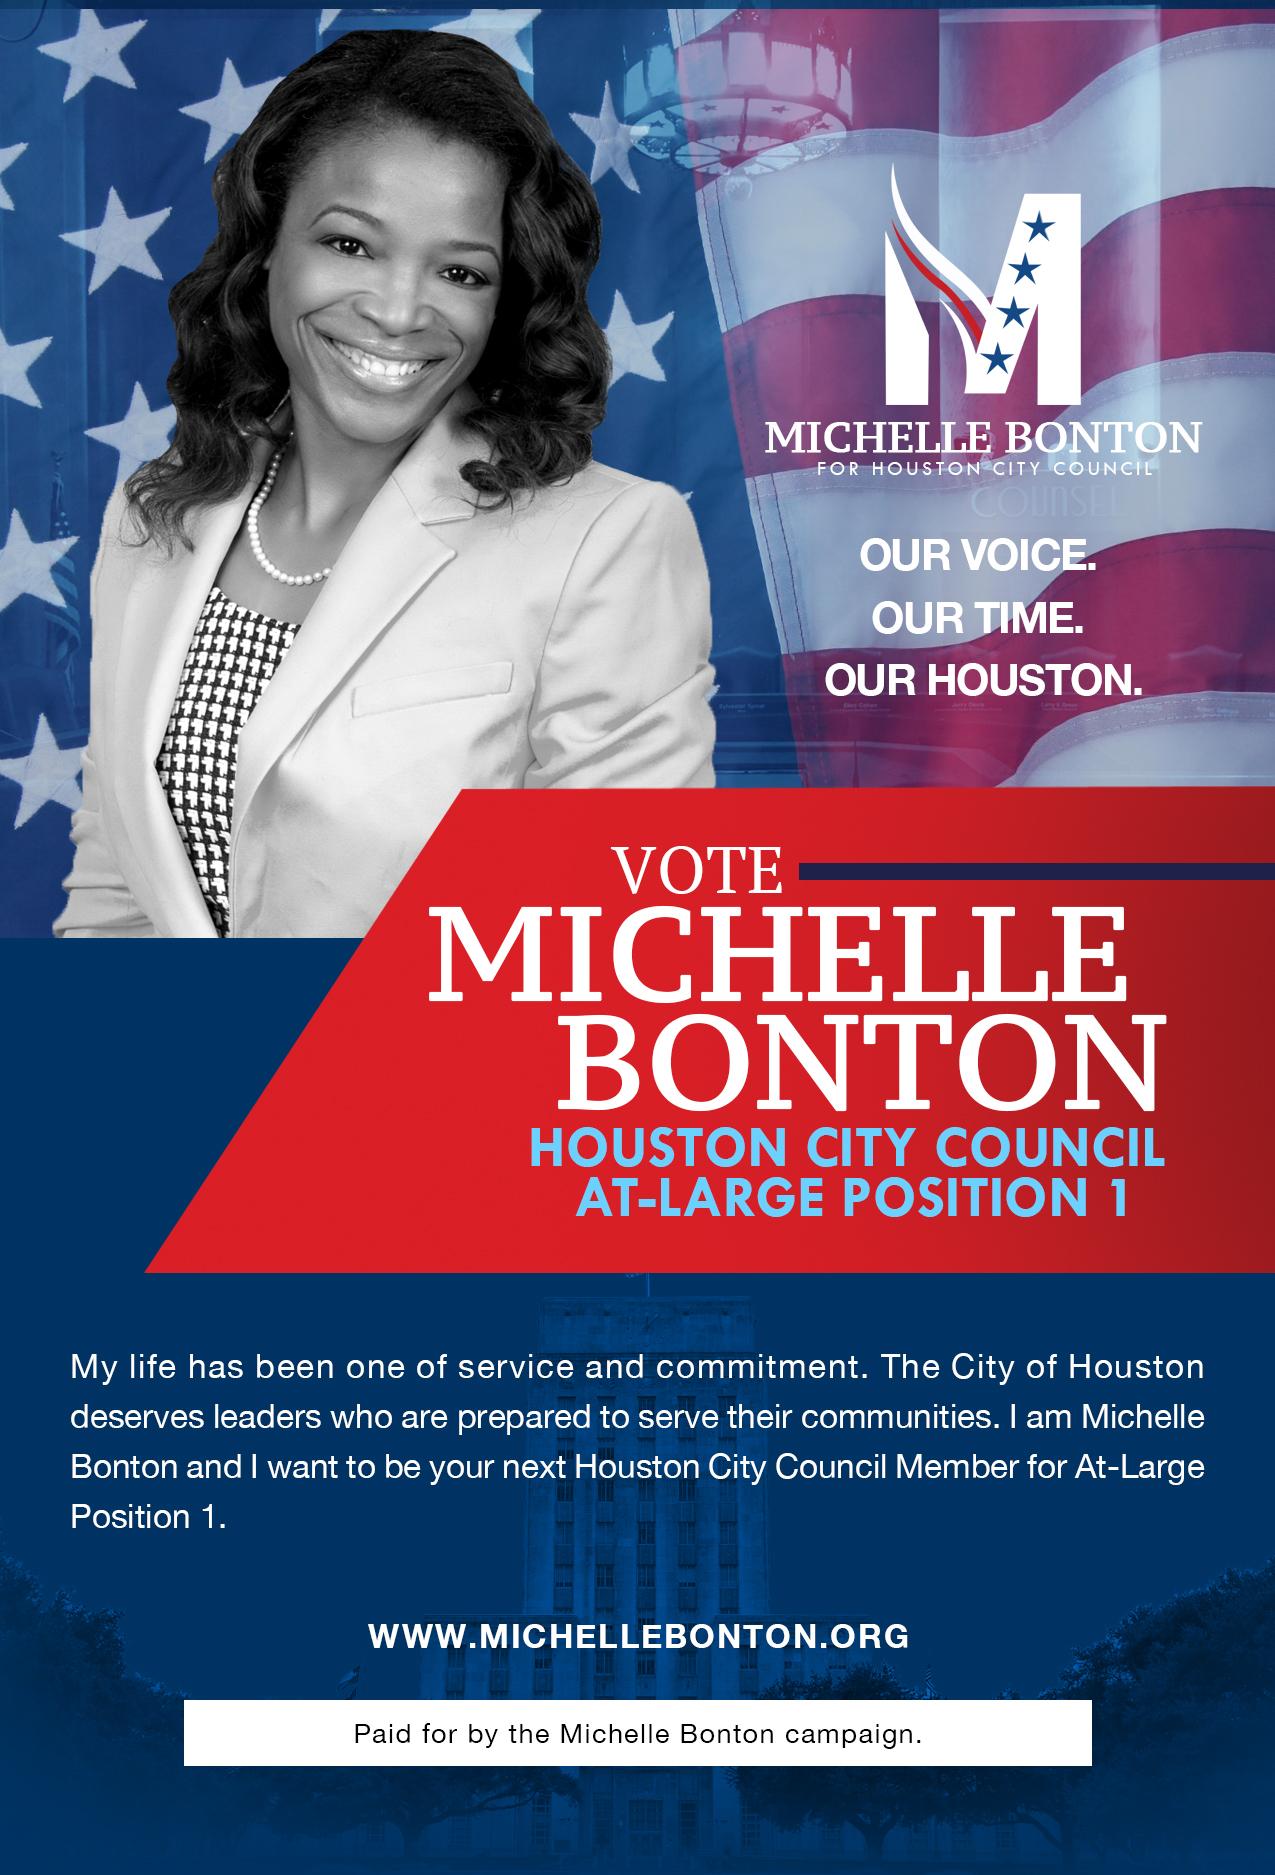 Michelle Bonton